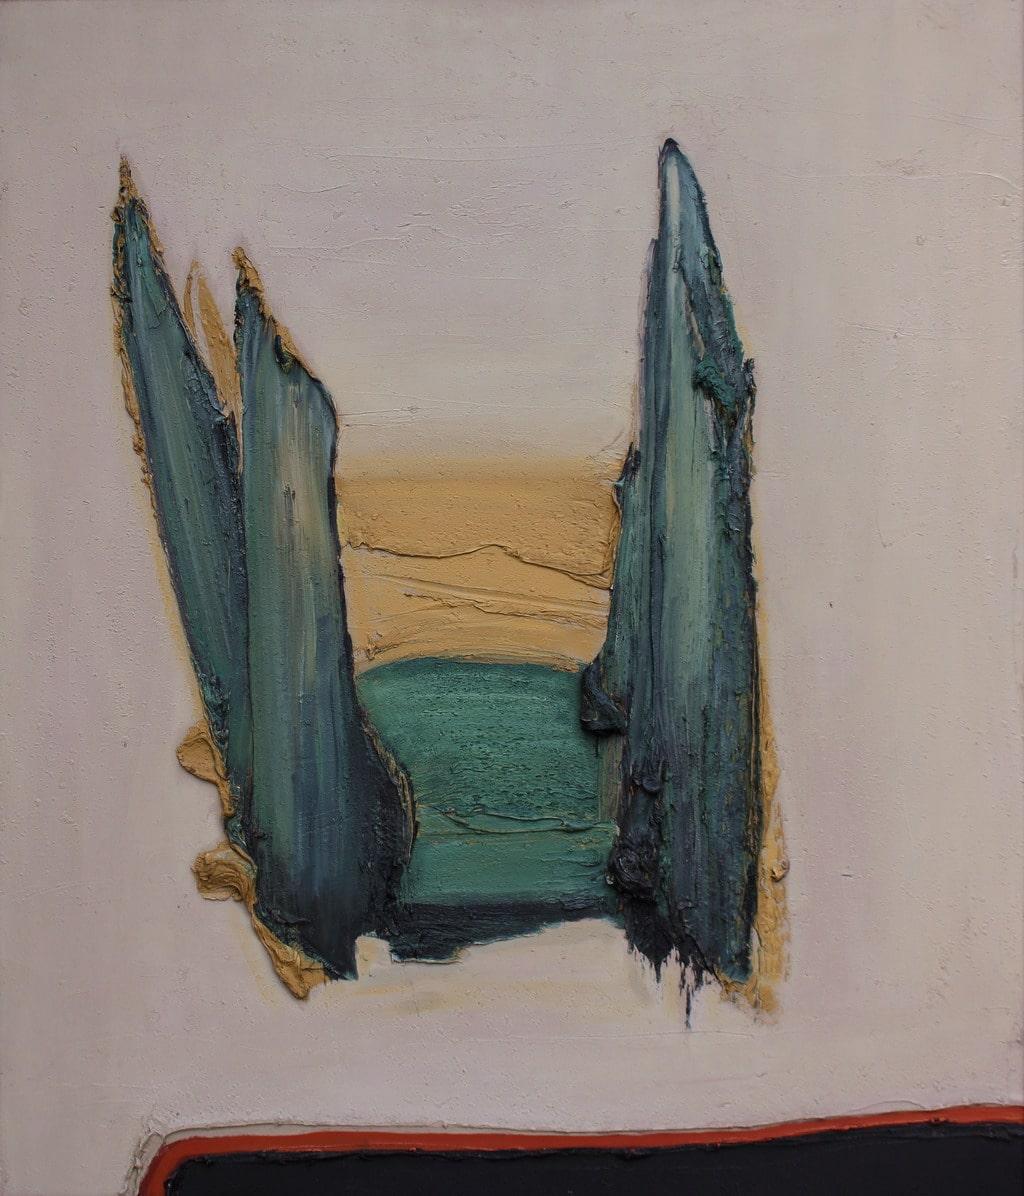 """Erminio Tansini, """"Senza titolo"""", 2008, olio su tavola, 70x60 cm. © Erminio Tansini"""